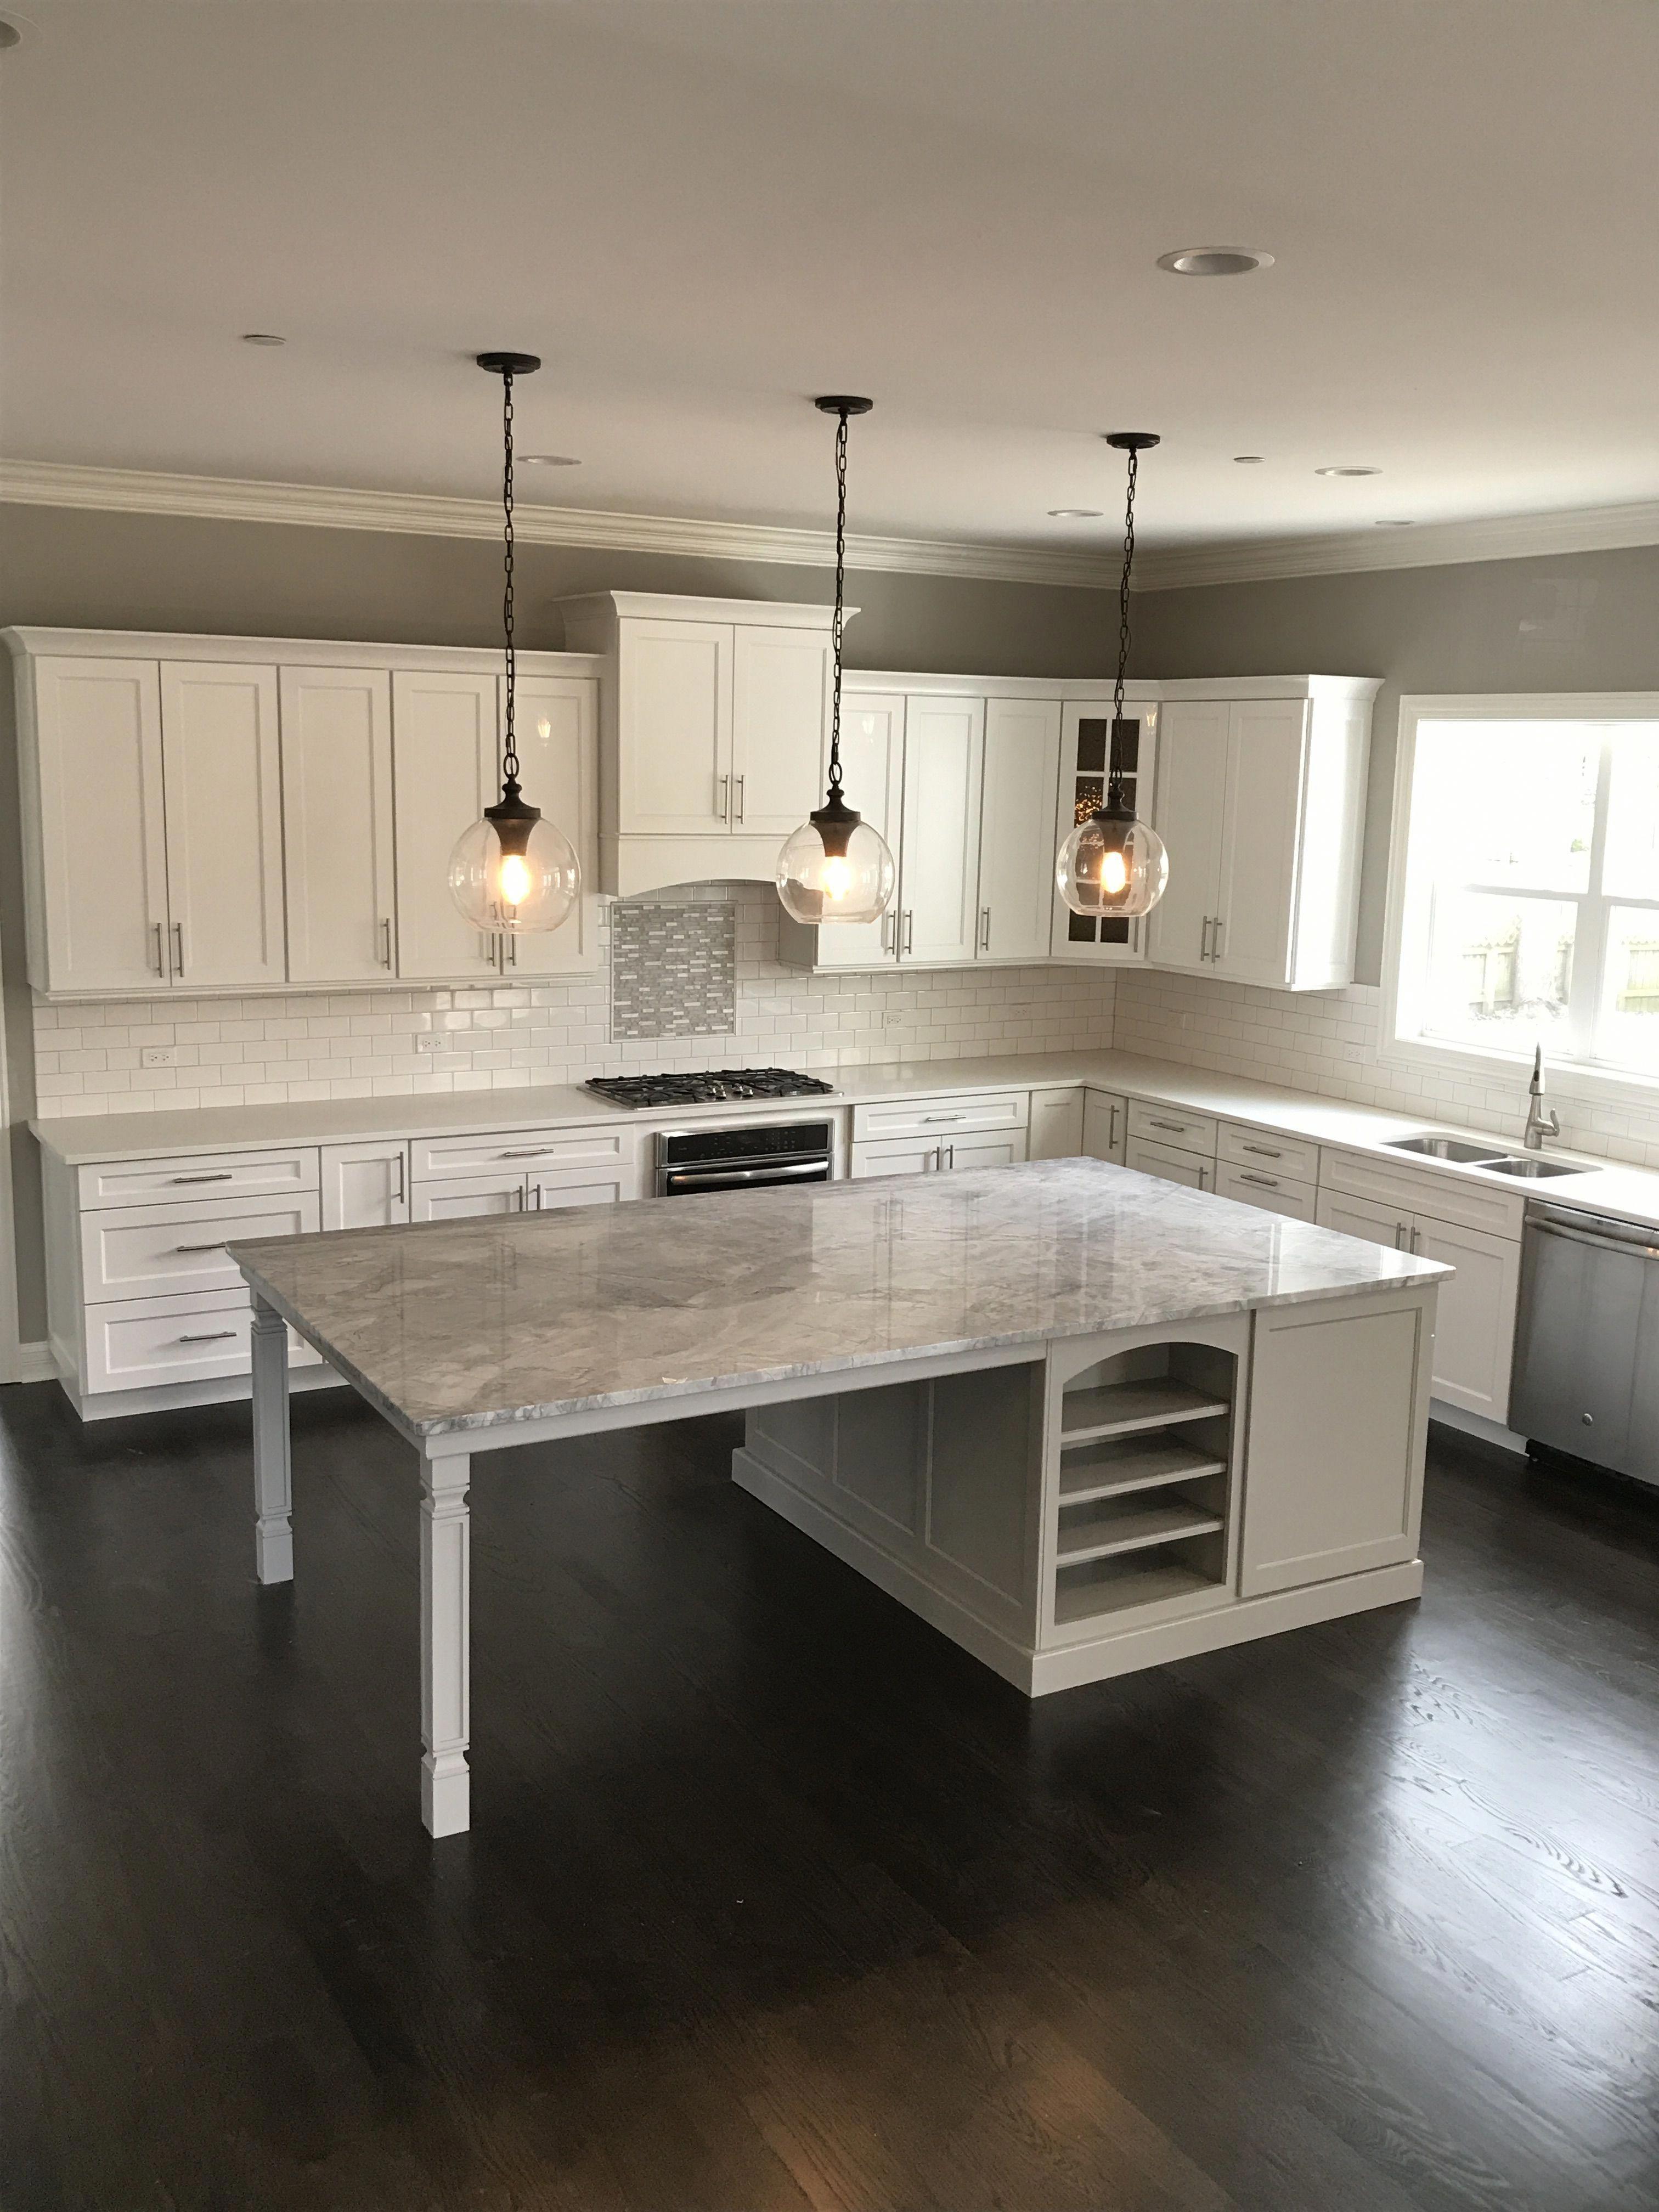 Topinteriordesignfirmsdenver interiorfurniture also best kitchen images in rh pinterest